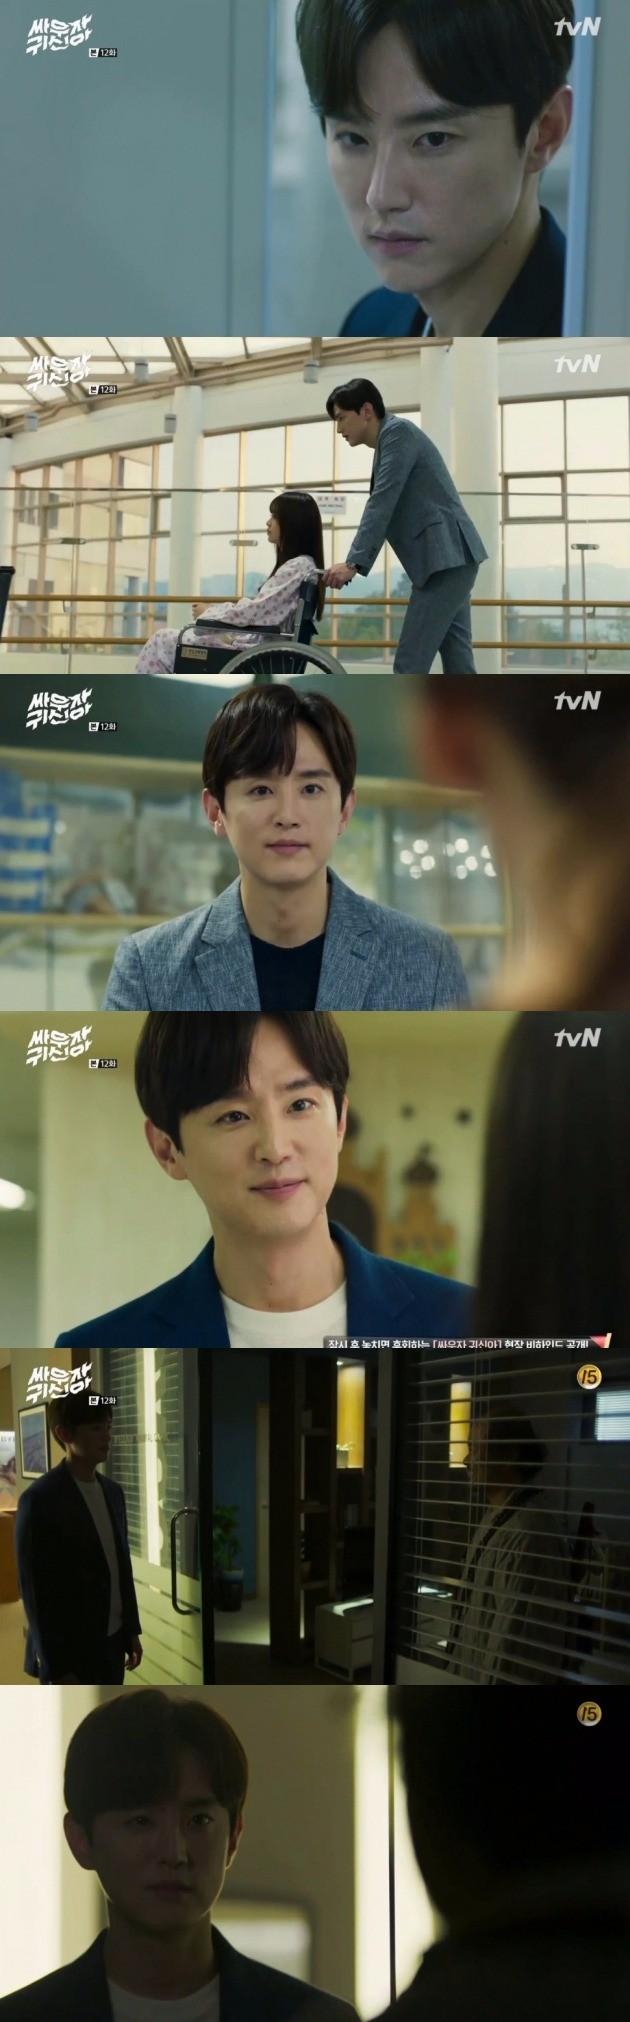 '싸우자 귀신아' 시청률 1위, 권율 김소현 옥택연